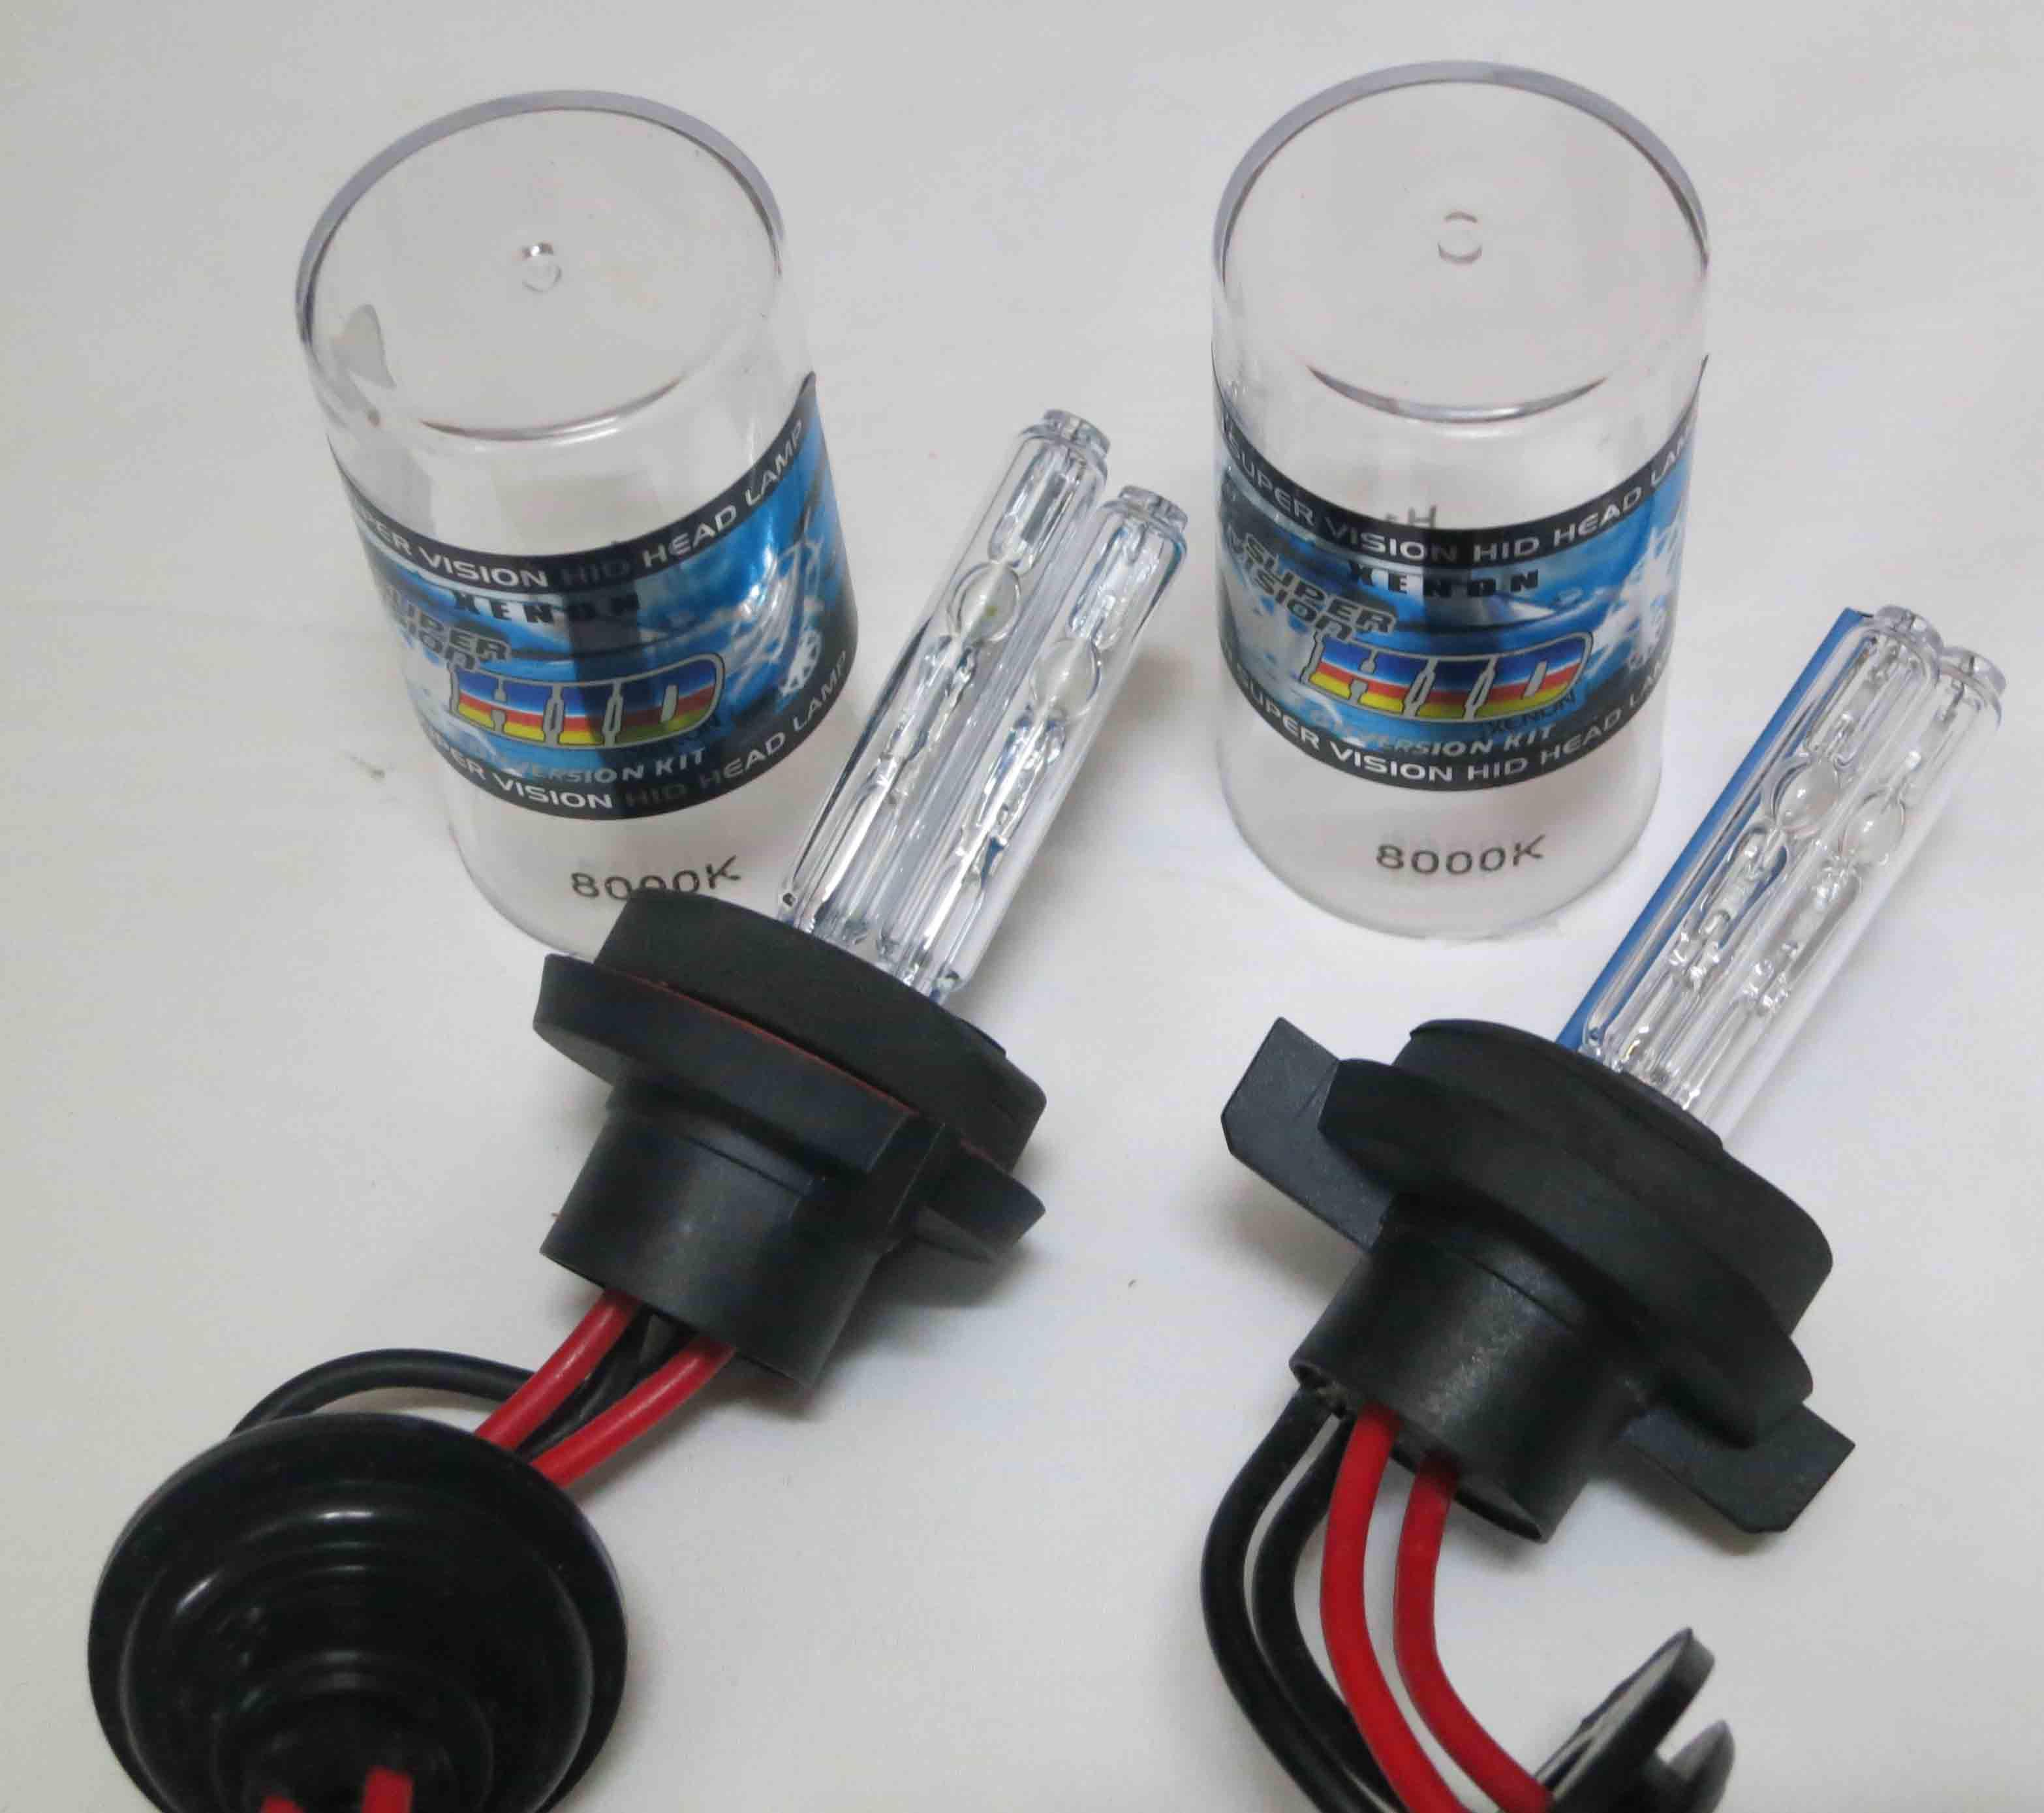 1キット35W H4-4スリムバラストデュアルキセノン(ローハイビーム)HIDキットH13-4 9004 / 9007-4 6K 8Kメタルベース